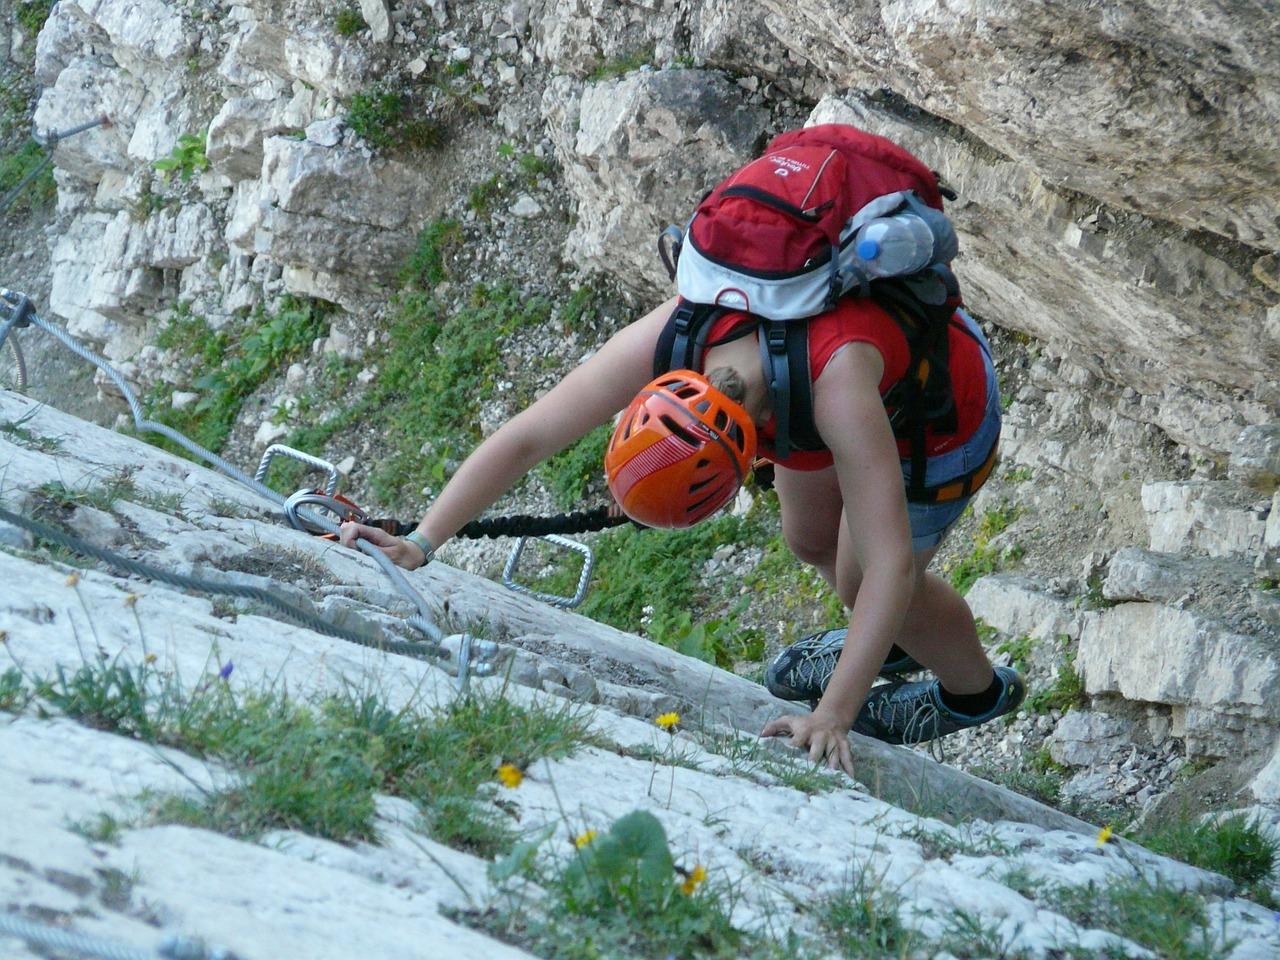 Turismo Sportivo: Finale Ligure è una meta perfetta per appassionati di climbing